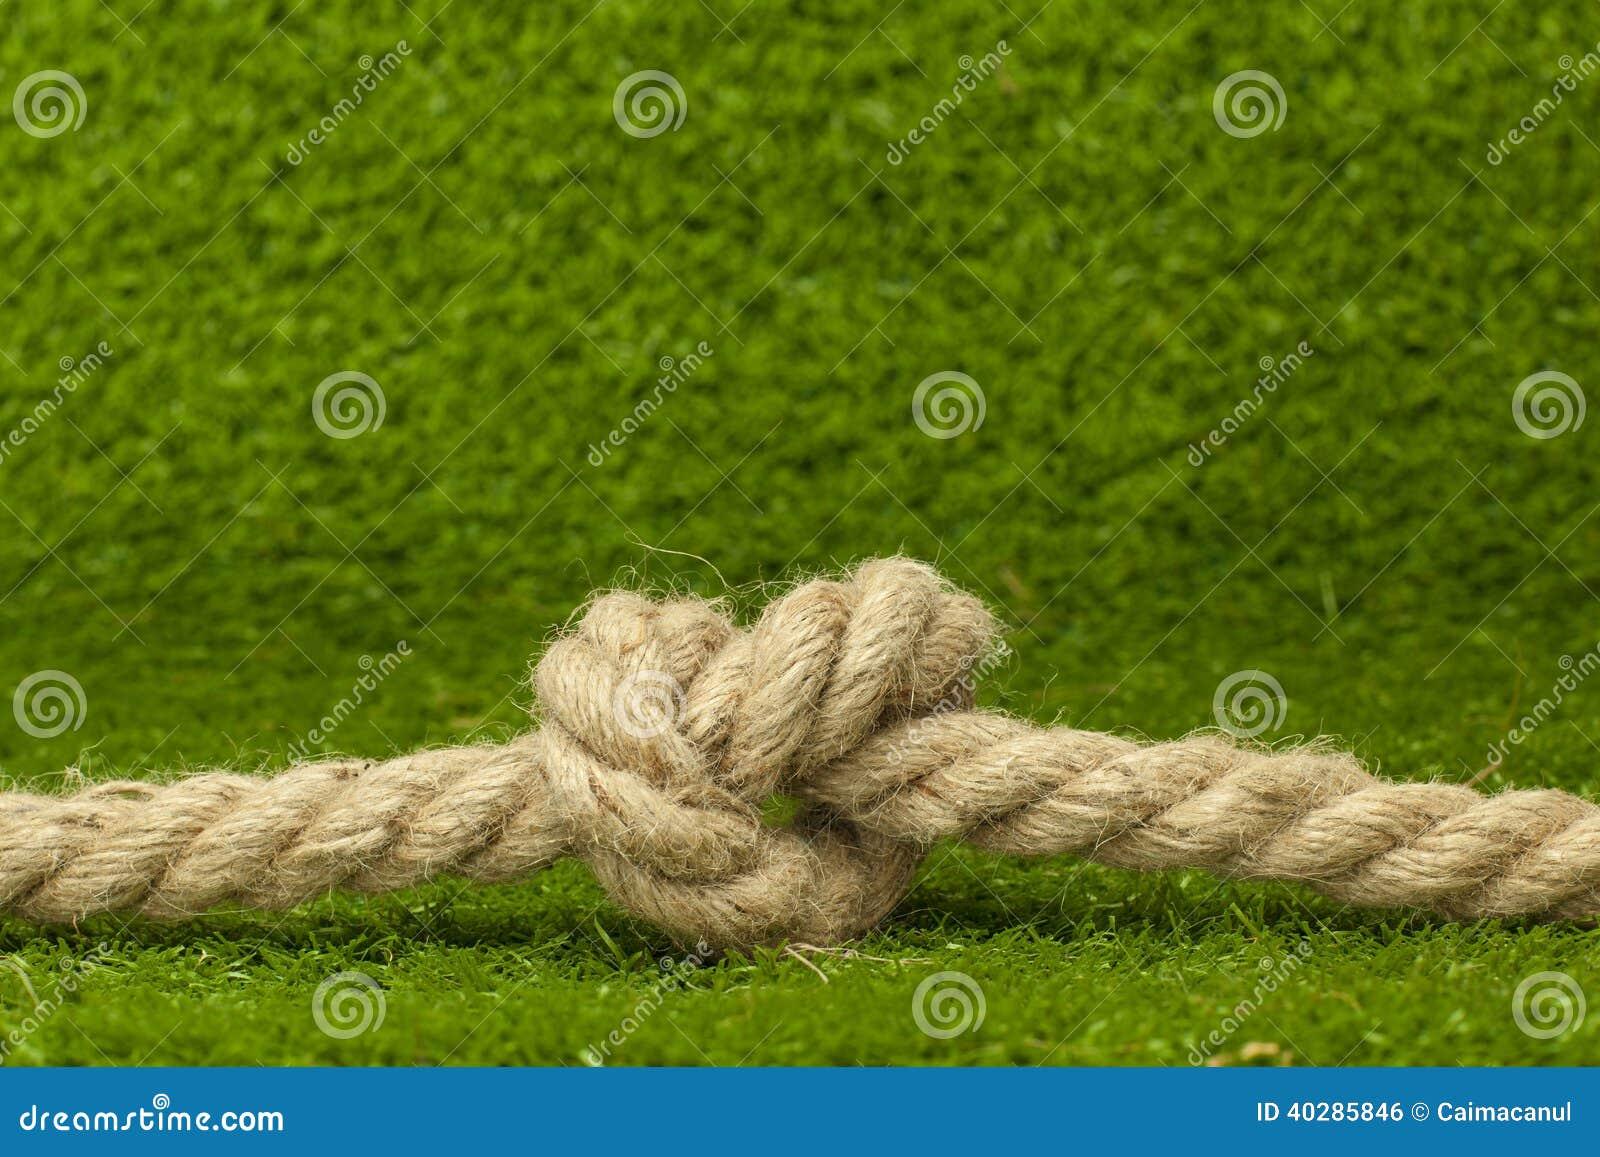 Узел на веревочке над зеленой травой